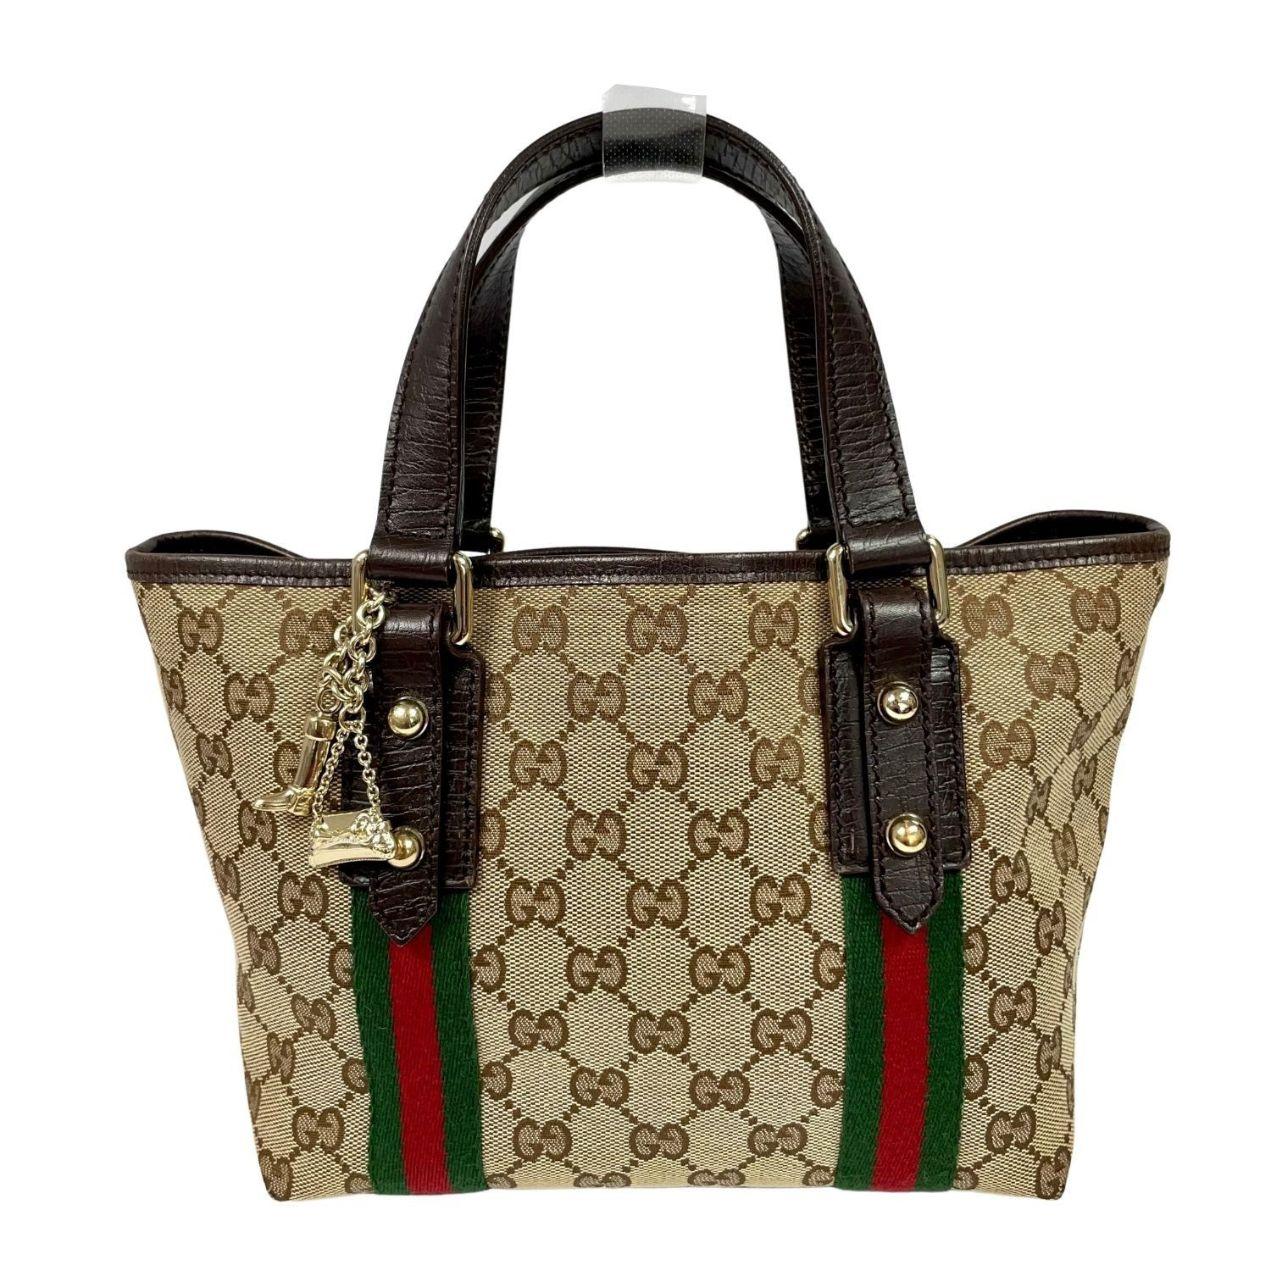 Bolsa Gucci Jolicoeur Tote